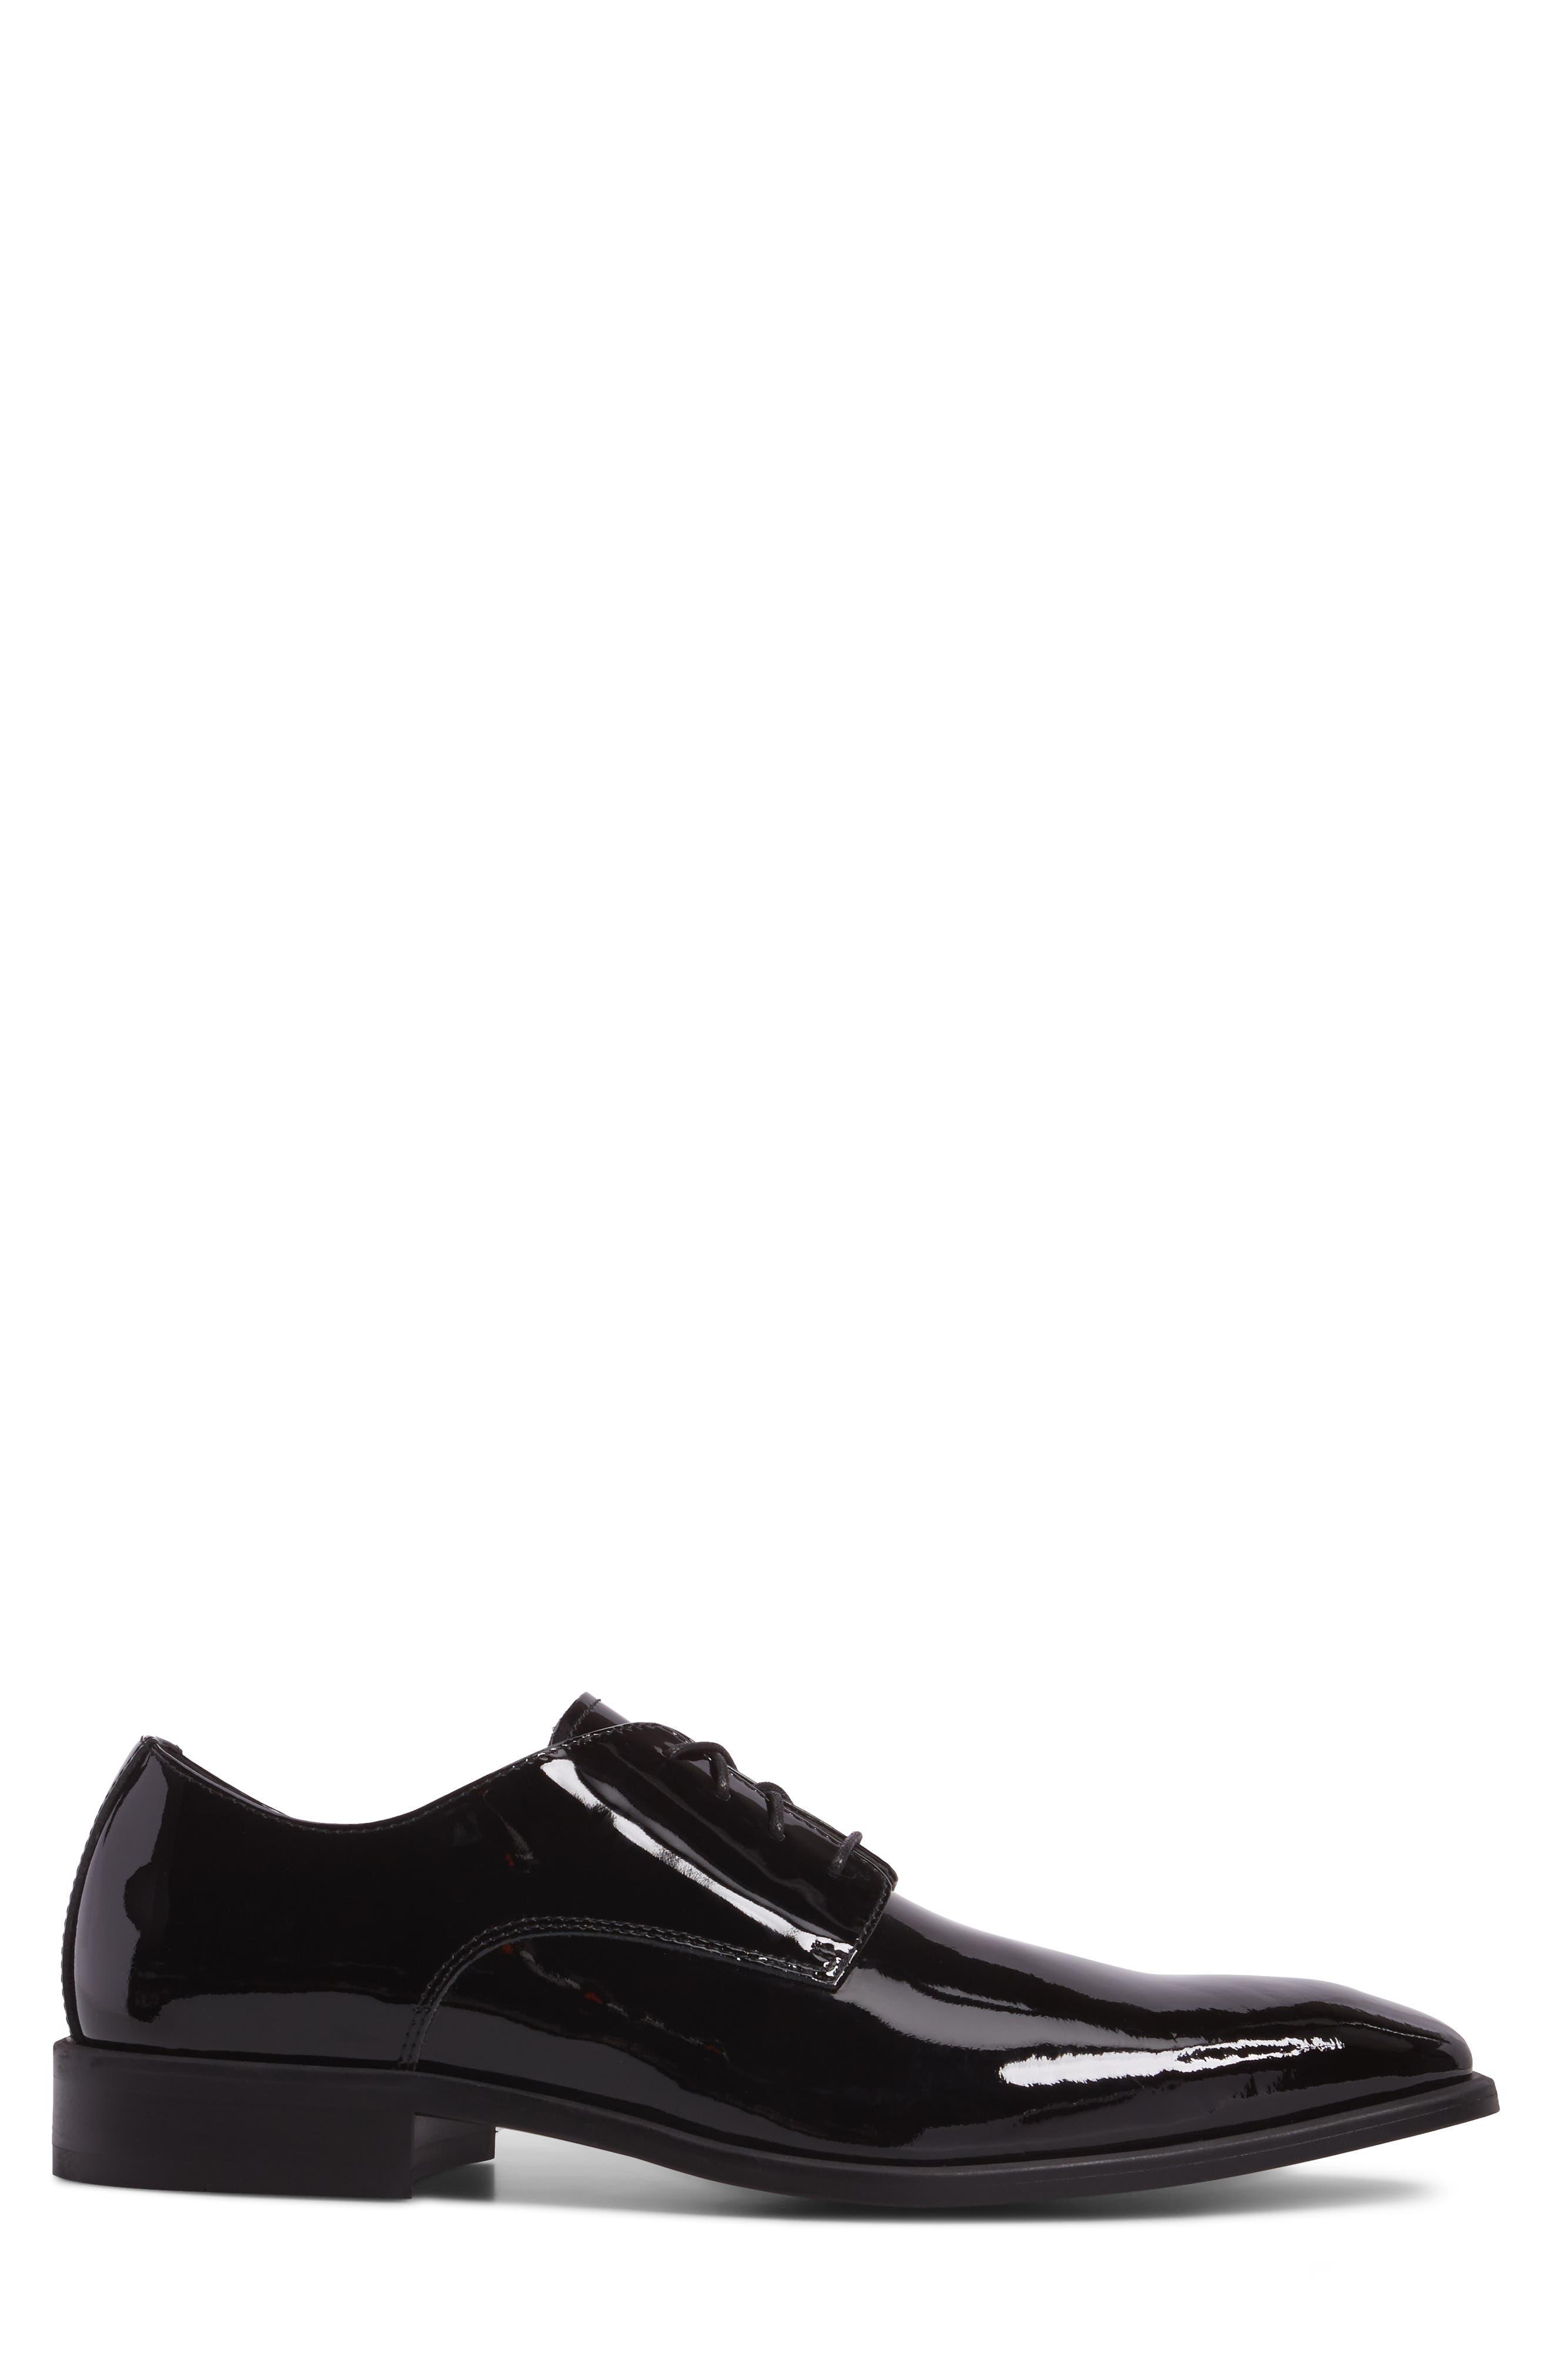 Dallas Plain Toe Derby,                             Alternate thumbnail 3, color,                             Black Patent Leather